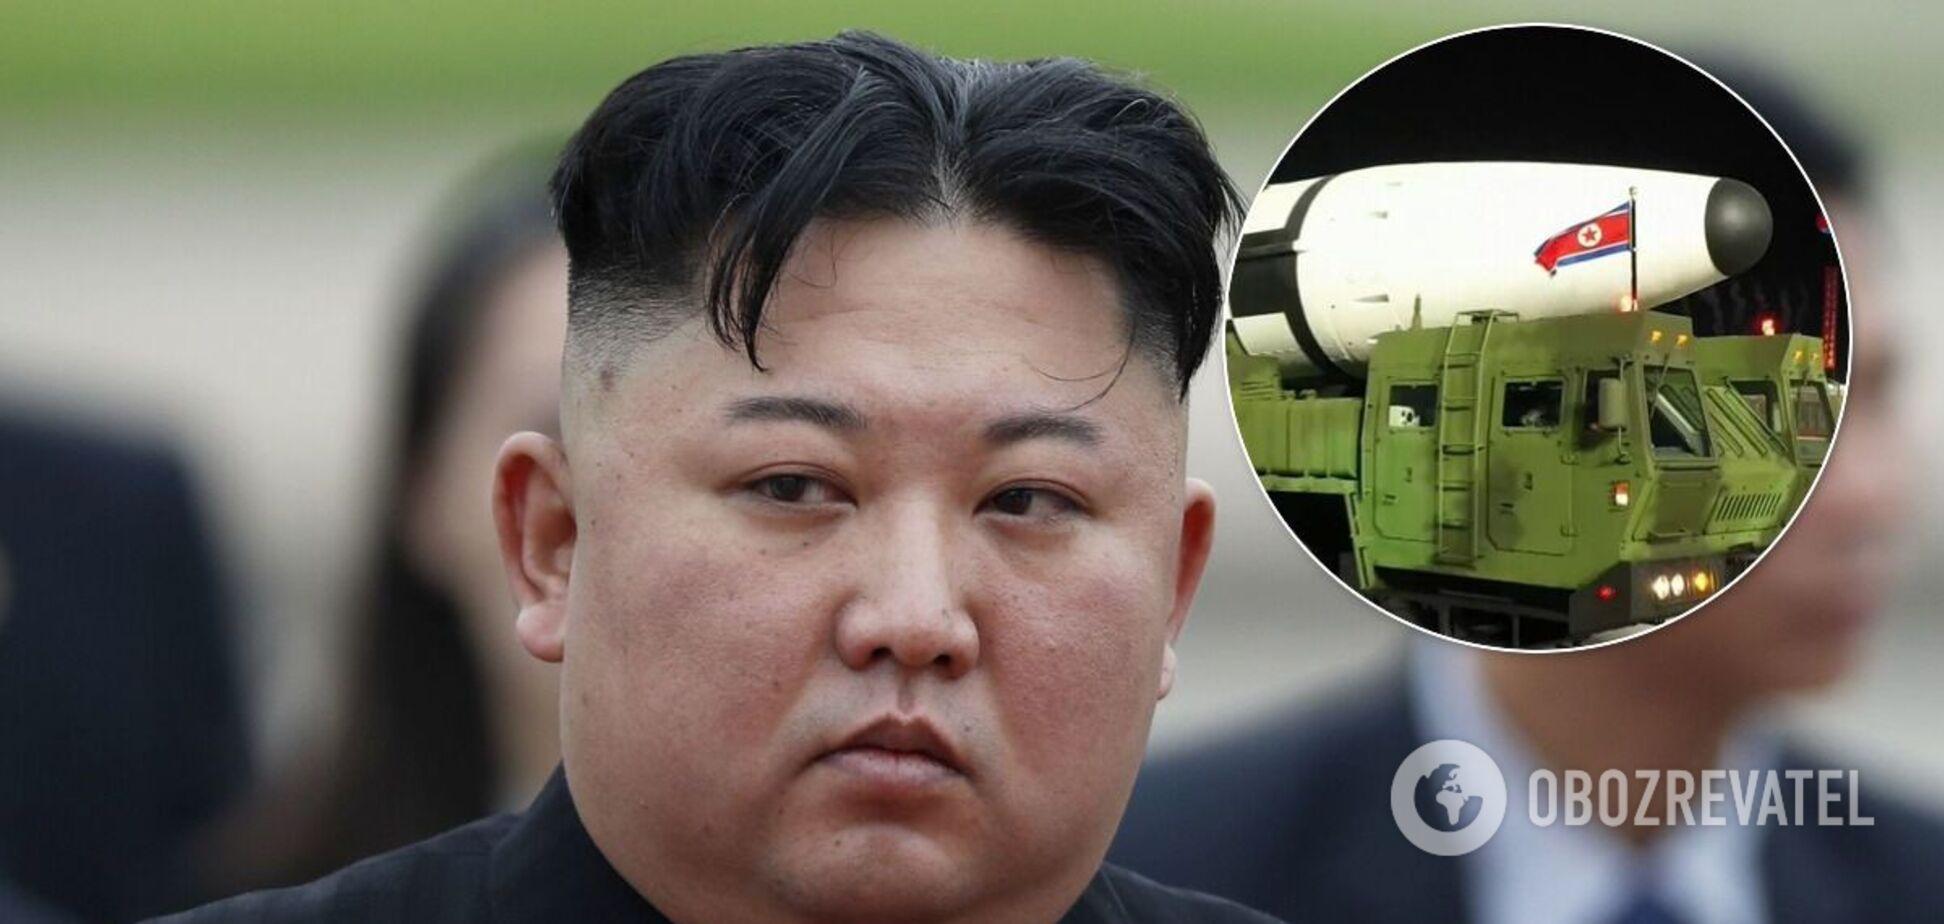 Кім Чен Ин заговорив про 'возз'єднання' з Південною Кореєю